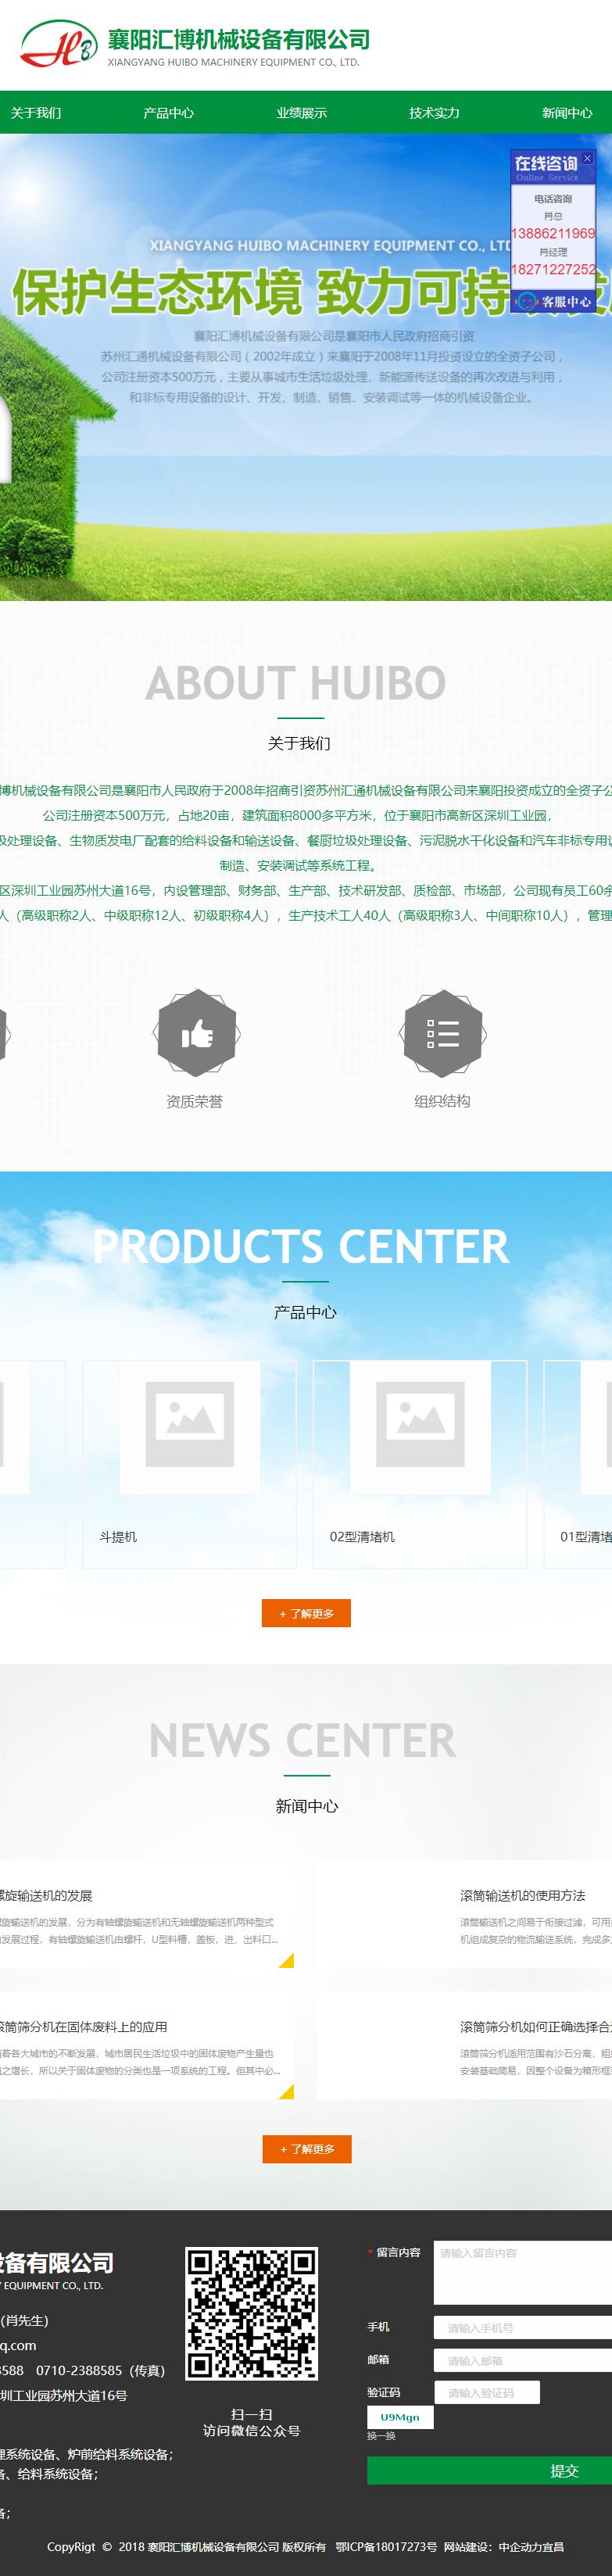 襄阳汇博机械设备有限公司网站案例